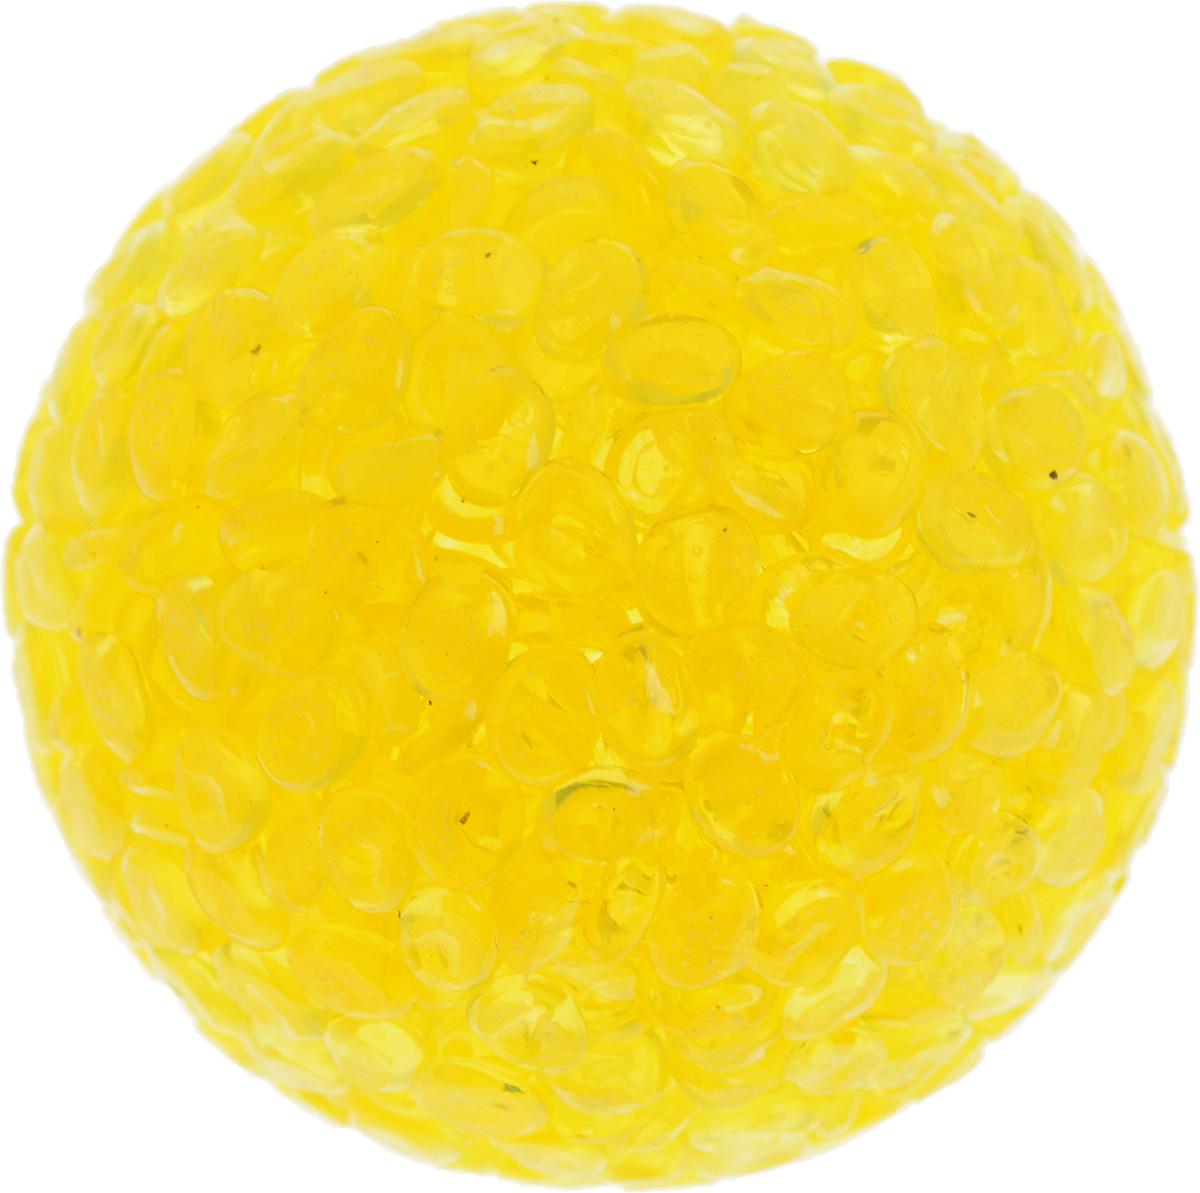 Игрушка для животных Каскад Мячик блестящий, цвет: желтый, диаметр 4 см0120710Игрушка для животных Каскад Мячик блестящий изготовлена из высококачественной синтетики. Внутри изделия имеется небольшой бубенчик, который привлечет внимание питомца. Такая игрушка порадует вашего любимца, а вам доставит массу приятных эмоций, ведь наблюдать за игрой всегда интересно и приятно.Диаметр игрушки: 4 см.